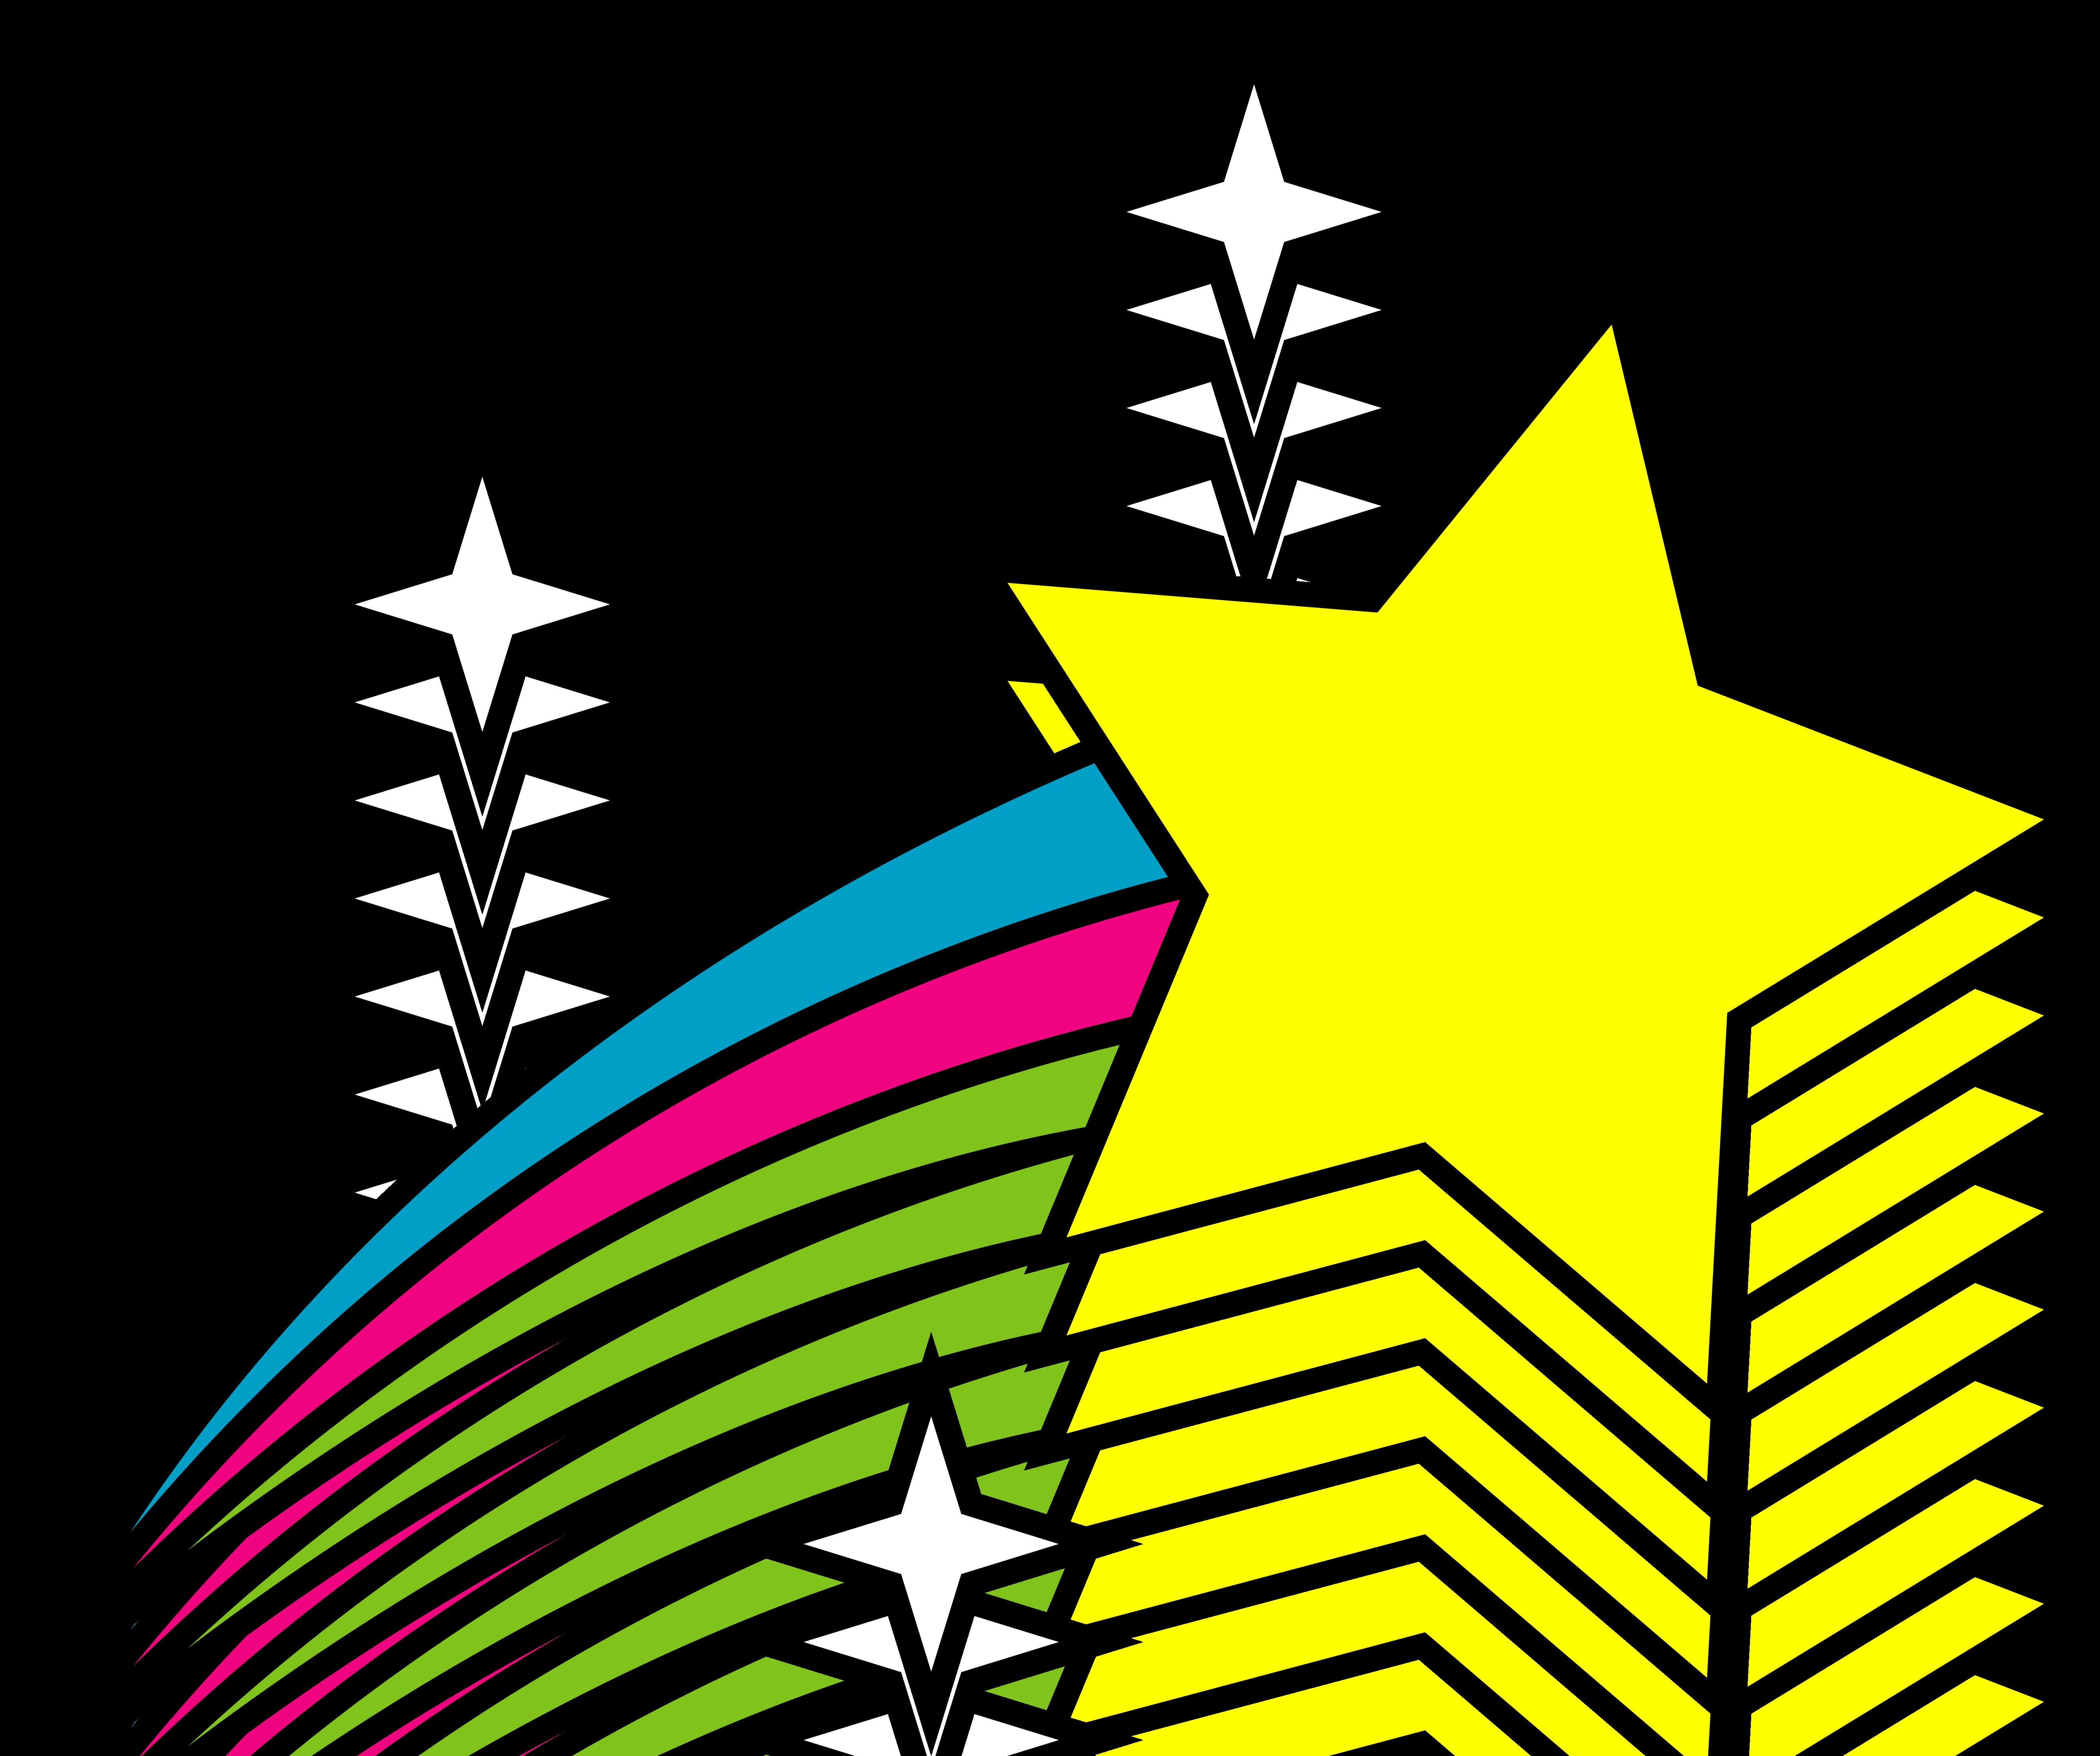 Shooting Star Clip Art I Description from friskychile.blogspot.com.